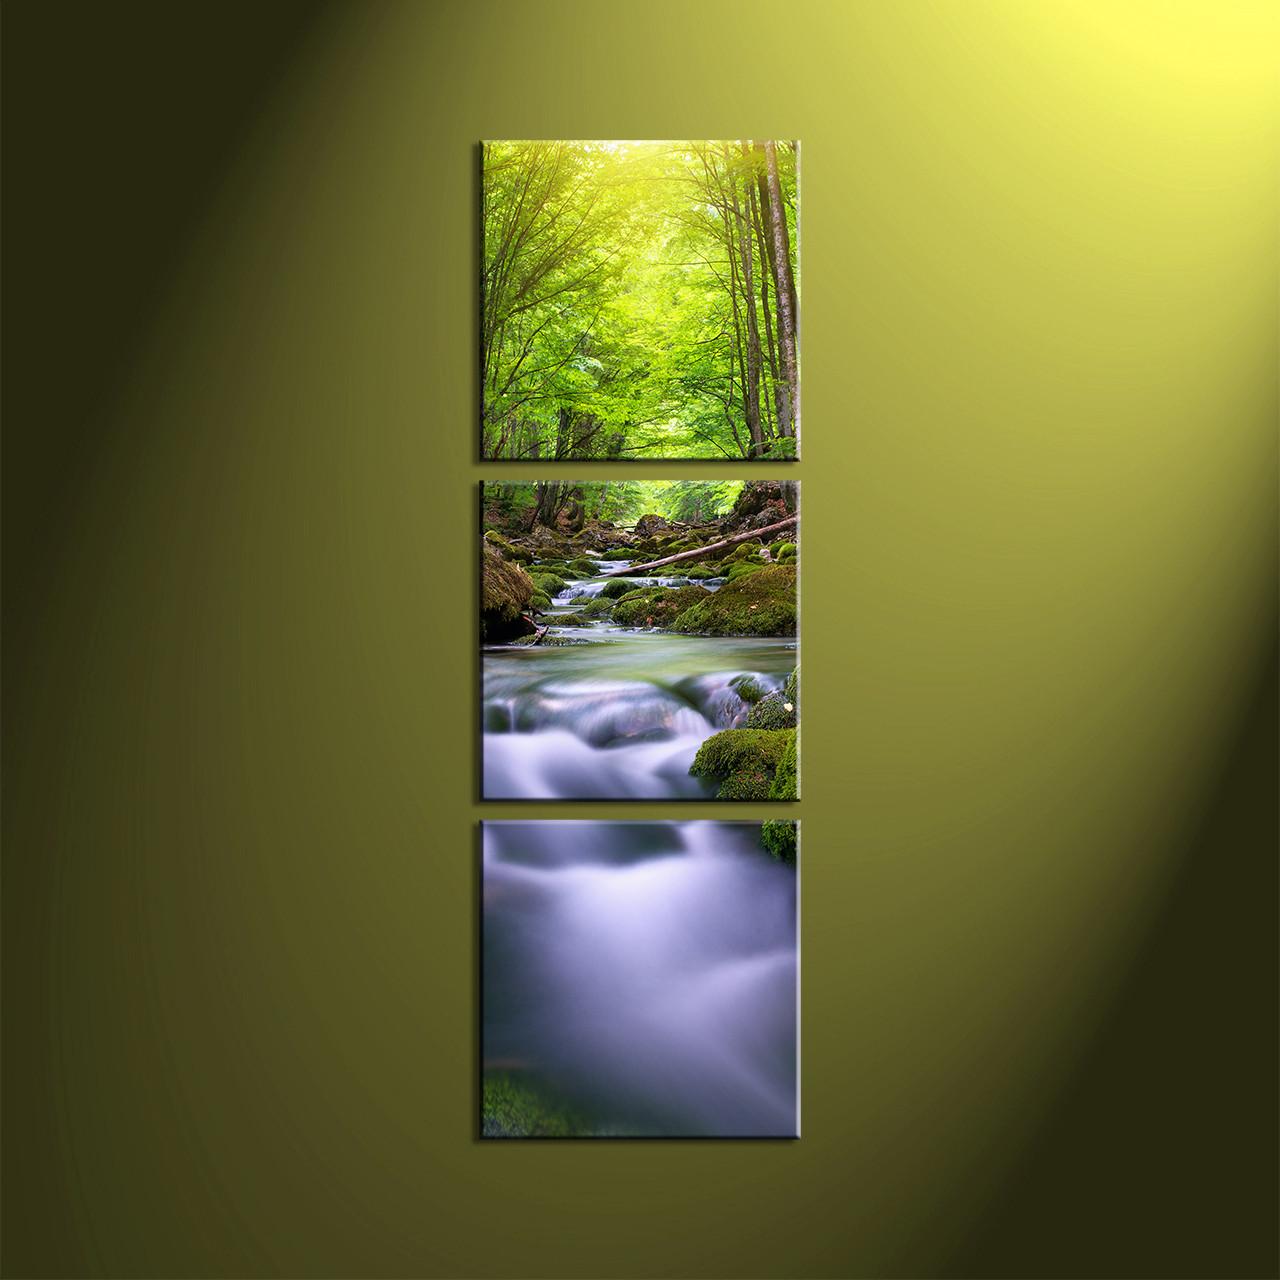 Vertical Canvas Wall Art - ktrdecor.com